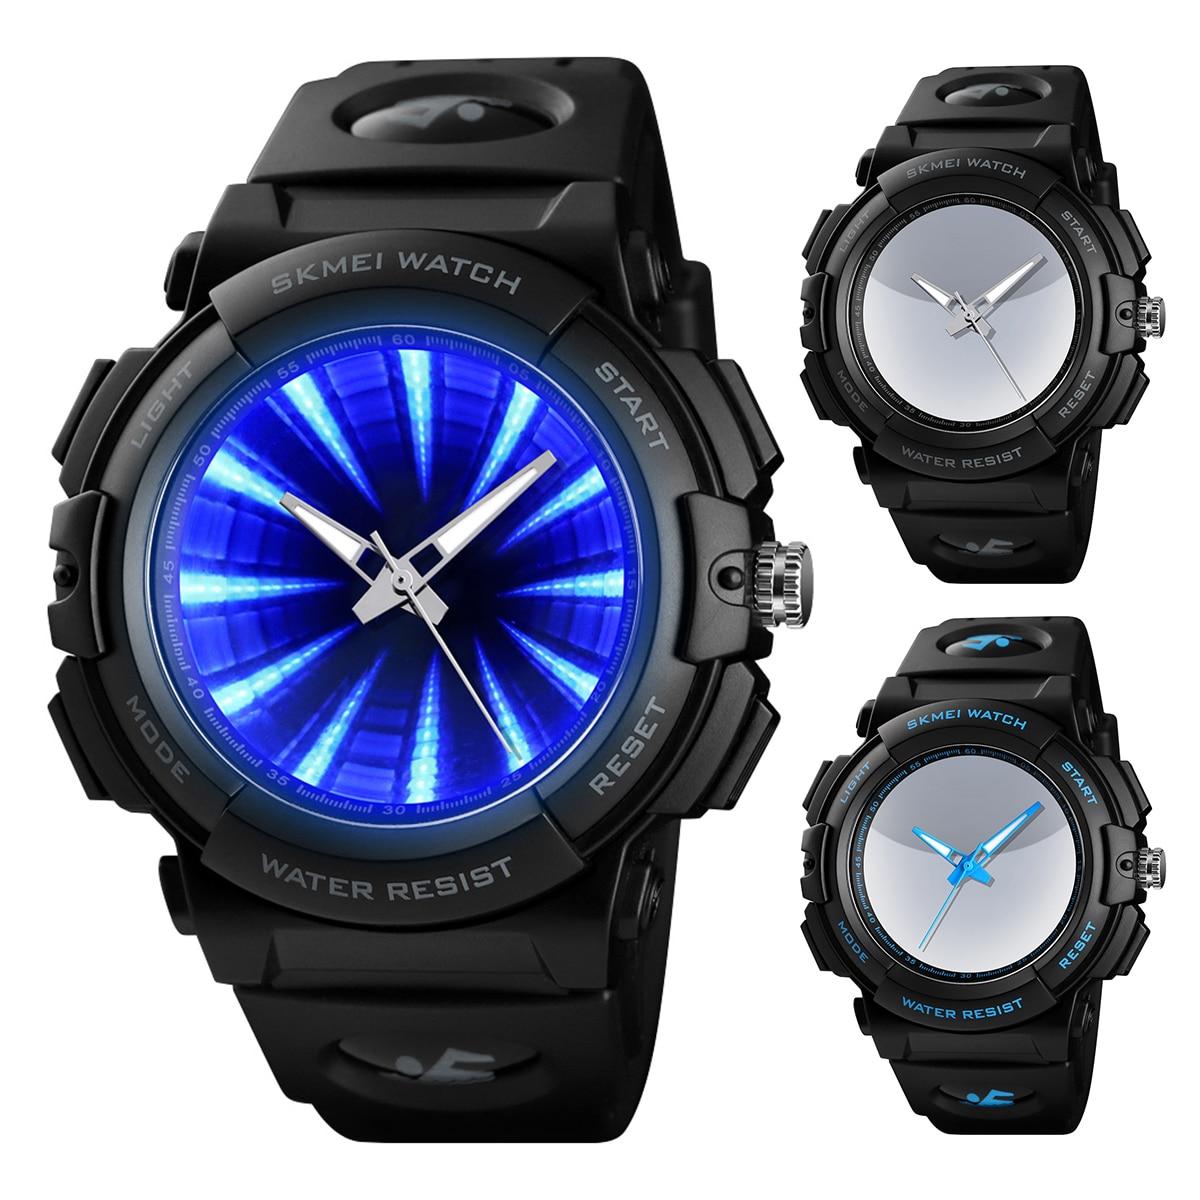 50M Waterproof Cool and stylish Men Fashion Blue Black LED Backlight Sports Watch Analog Quartz Wrist Watch